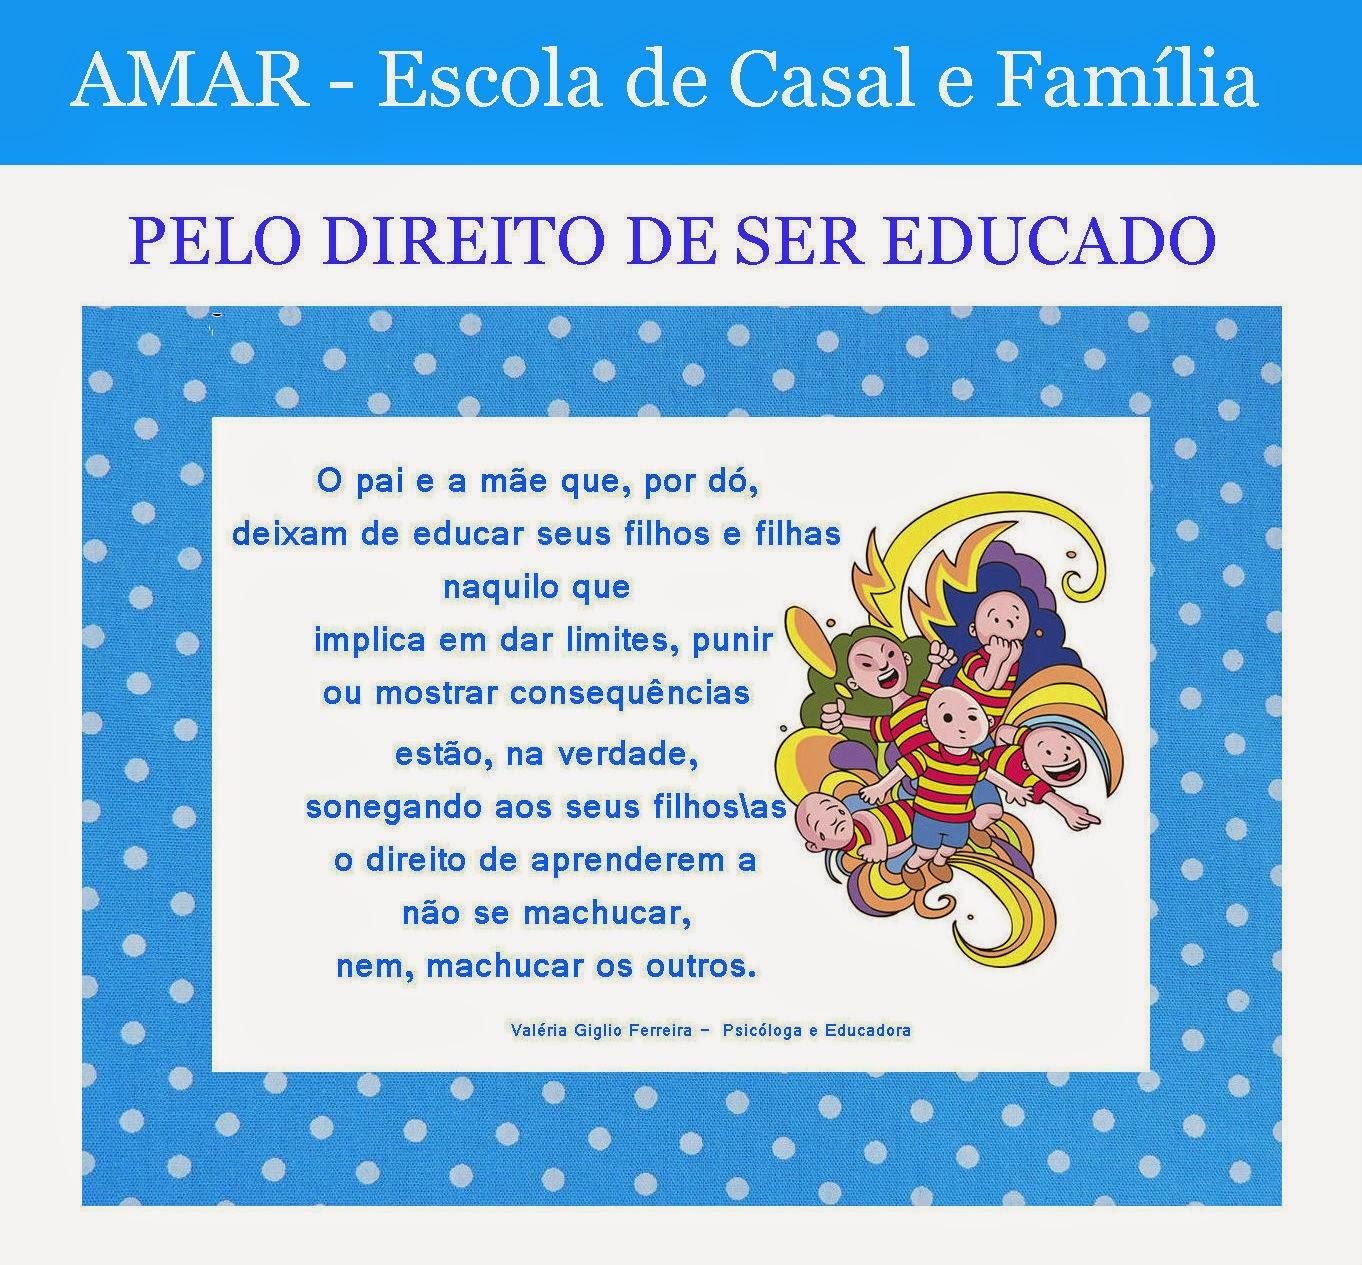 PELO DIREITO DE SER EDUCADO\A.